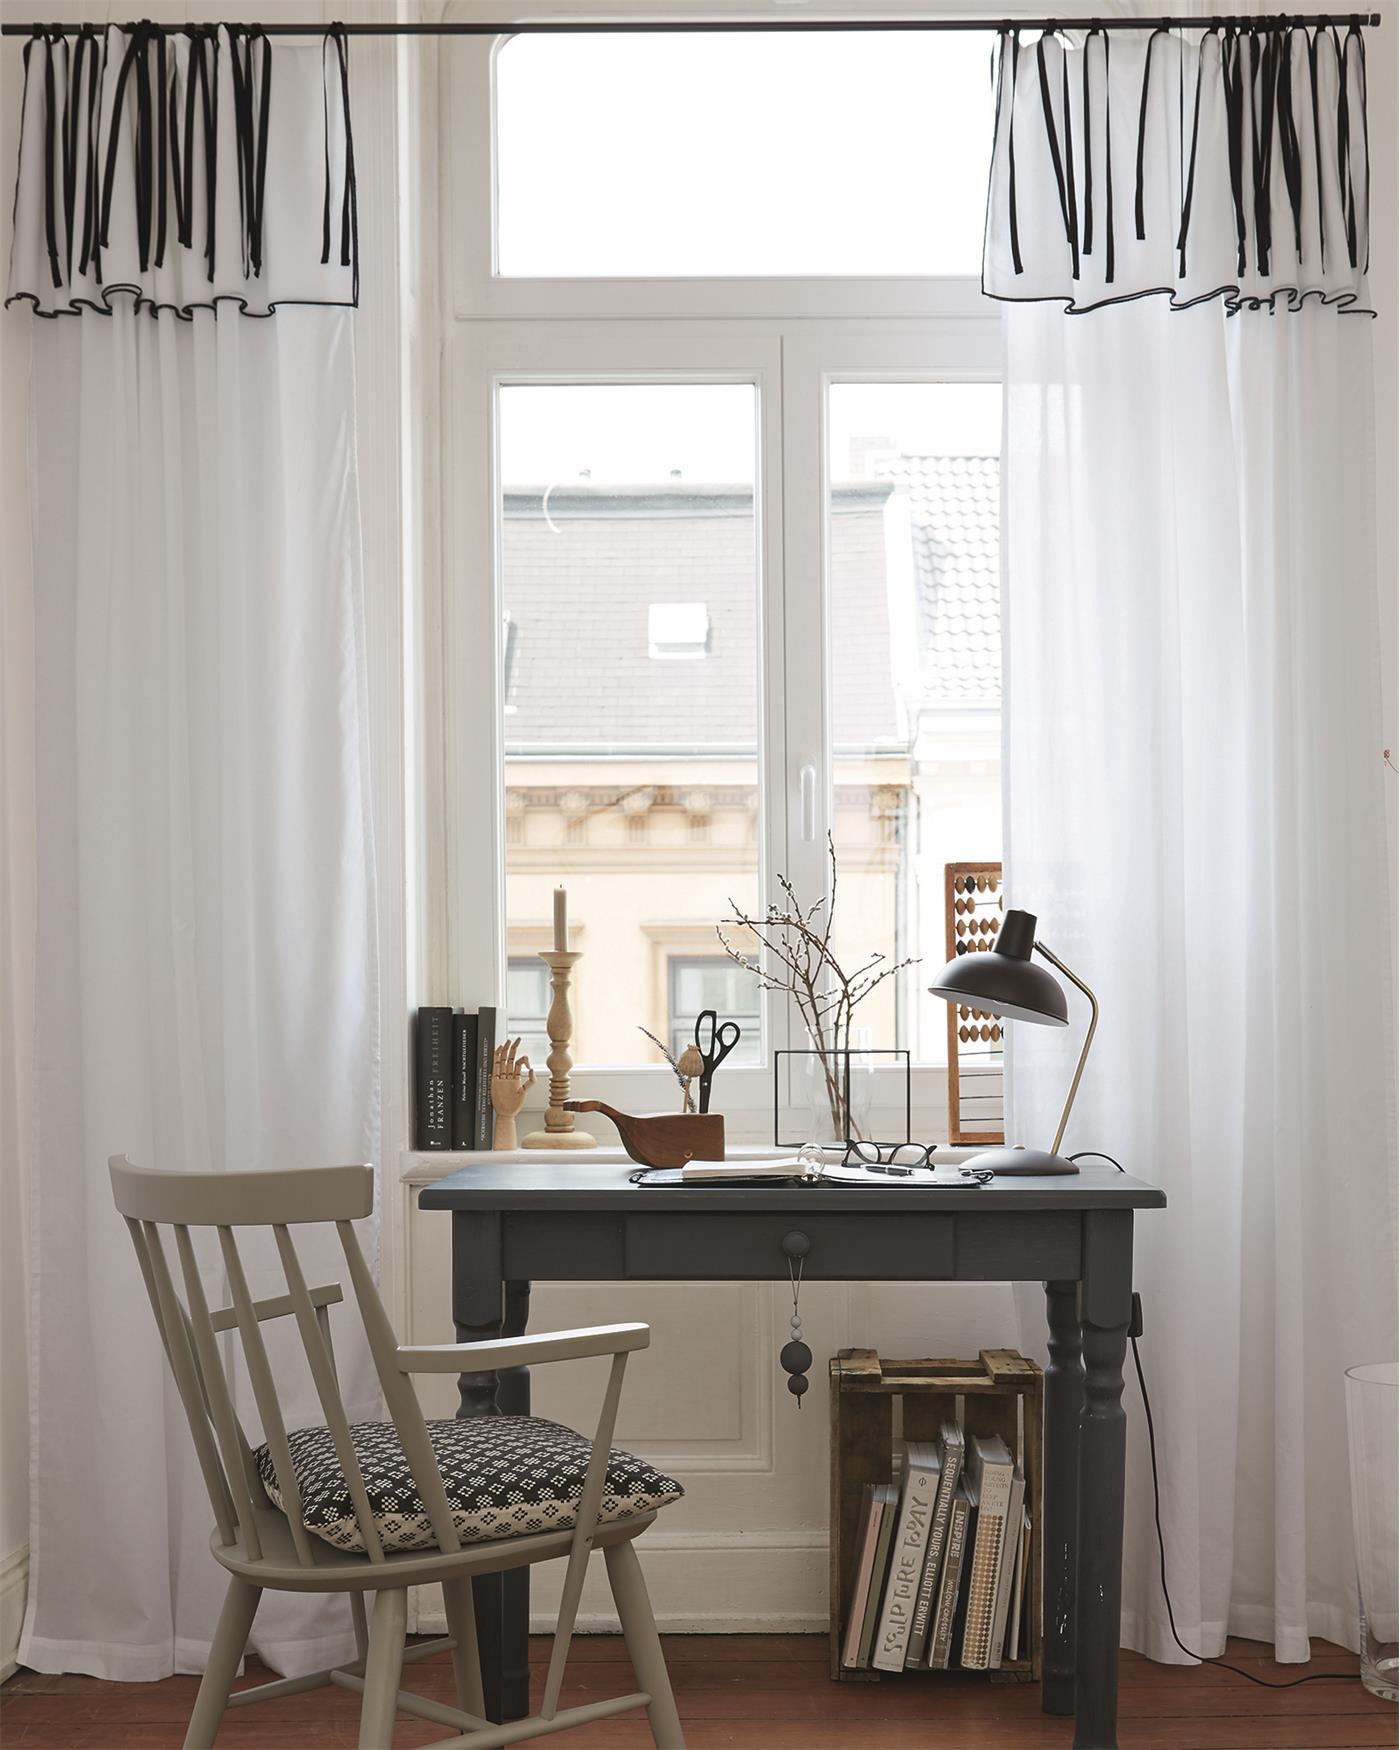 voilevorhang schwarz wei. Black Bedroom Furniture Sets. Home Design Ideas